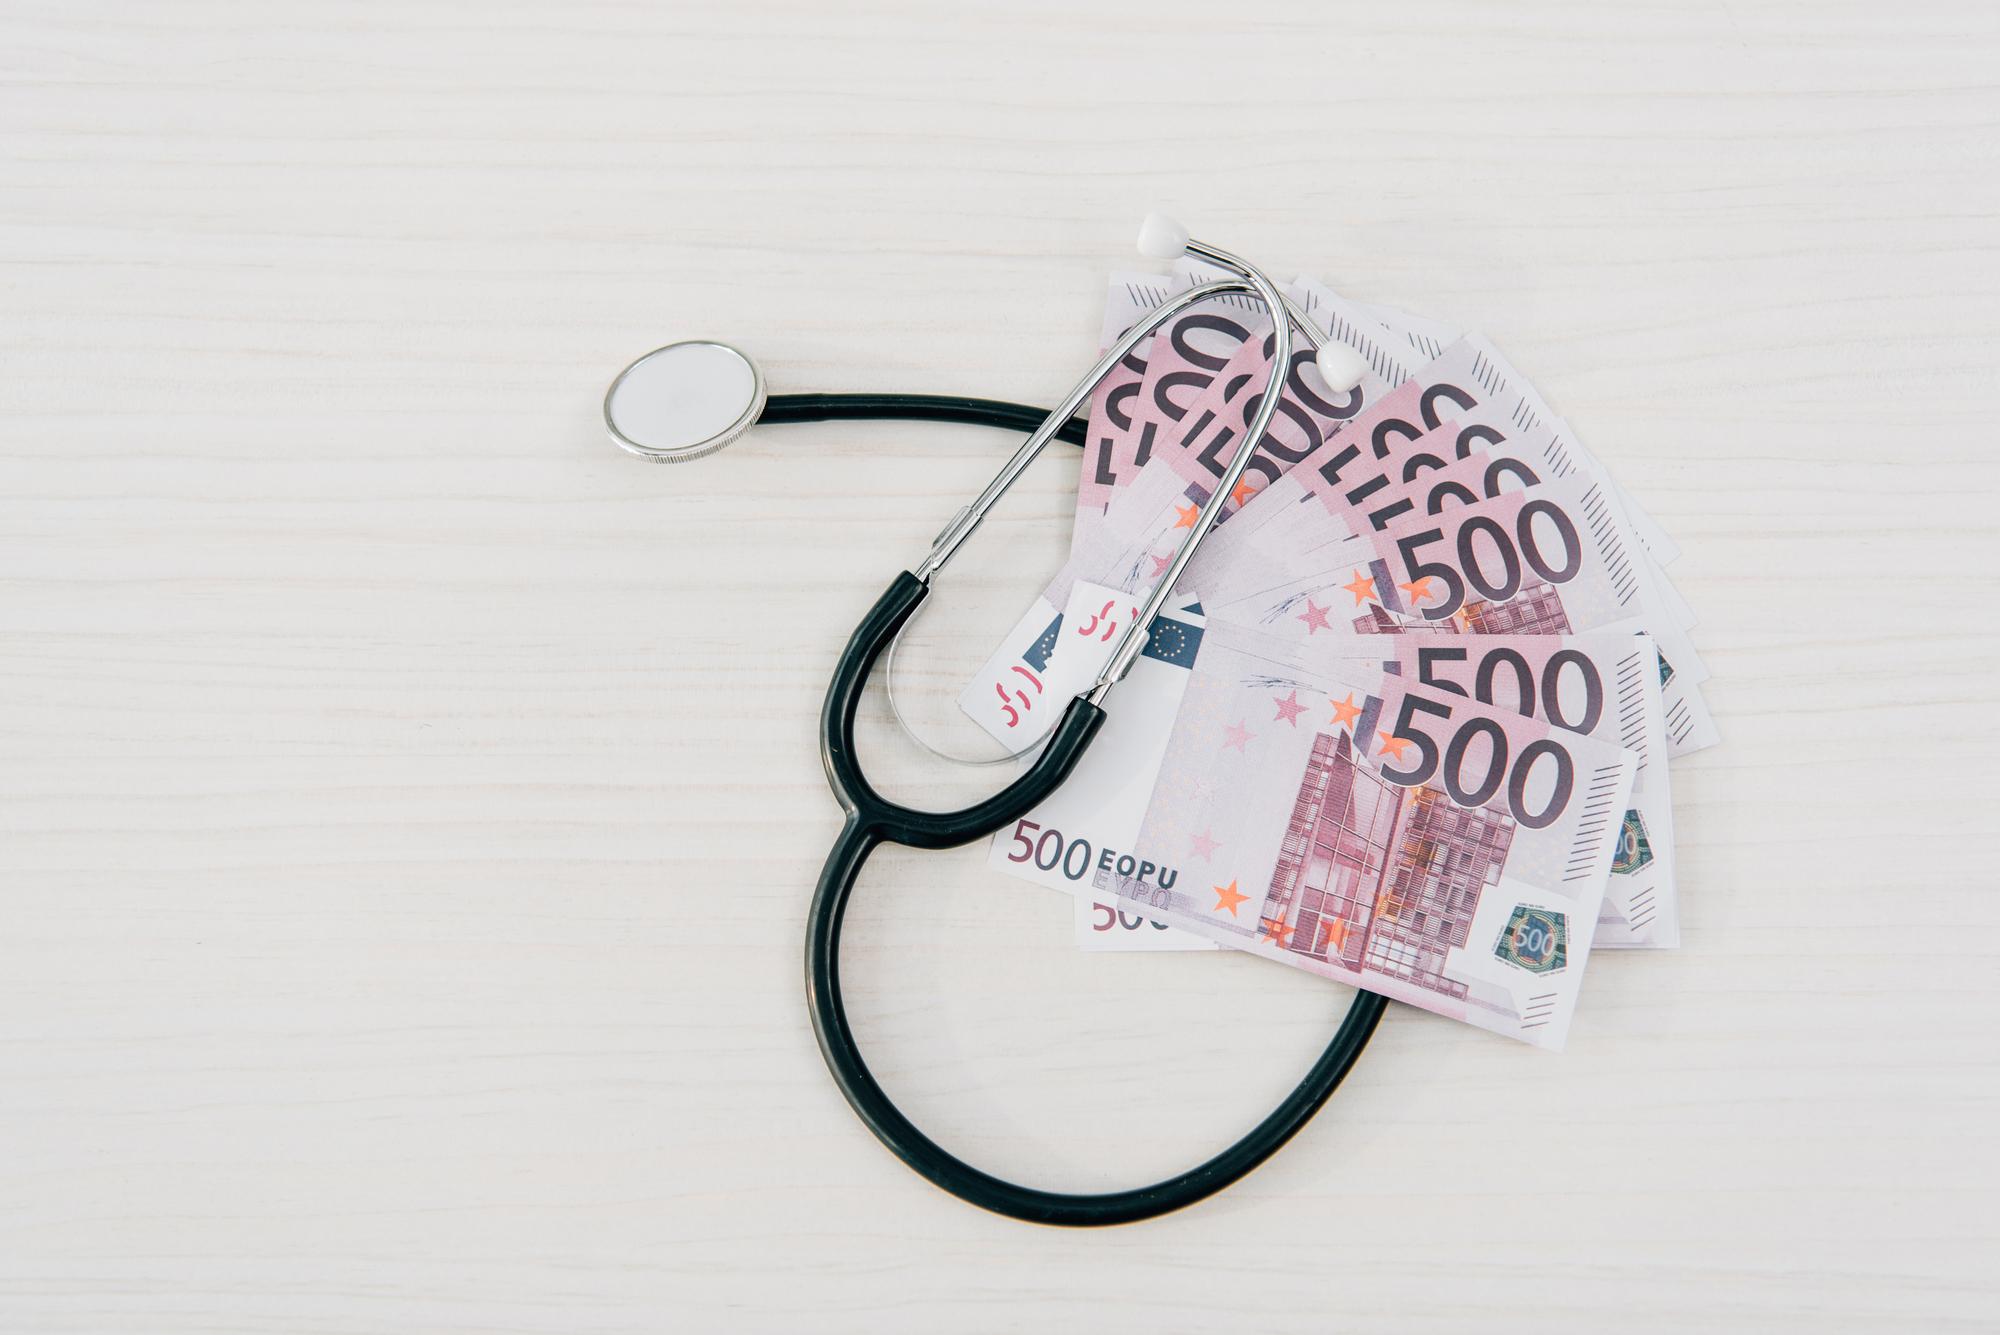 Dinero y estetoscopio.Sanidad pagada